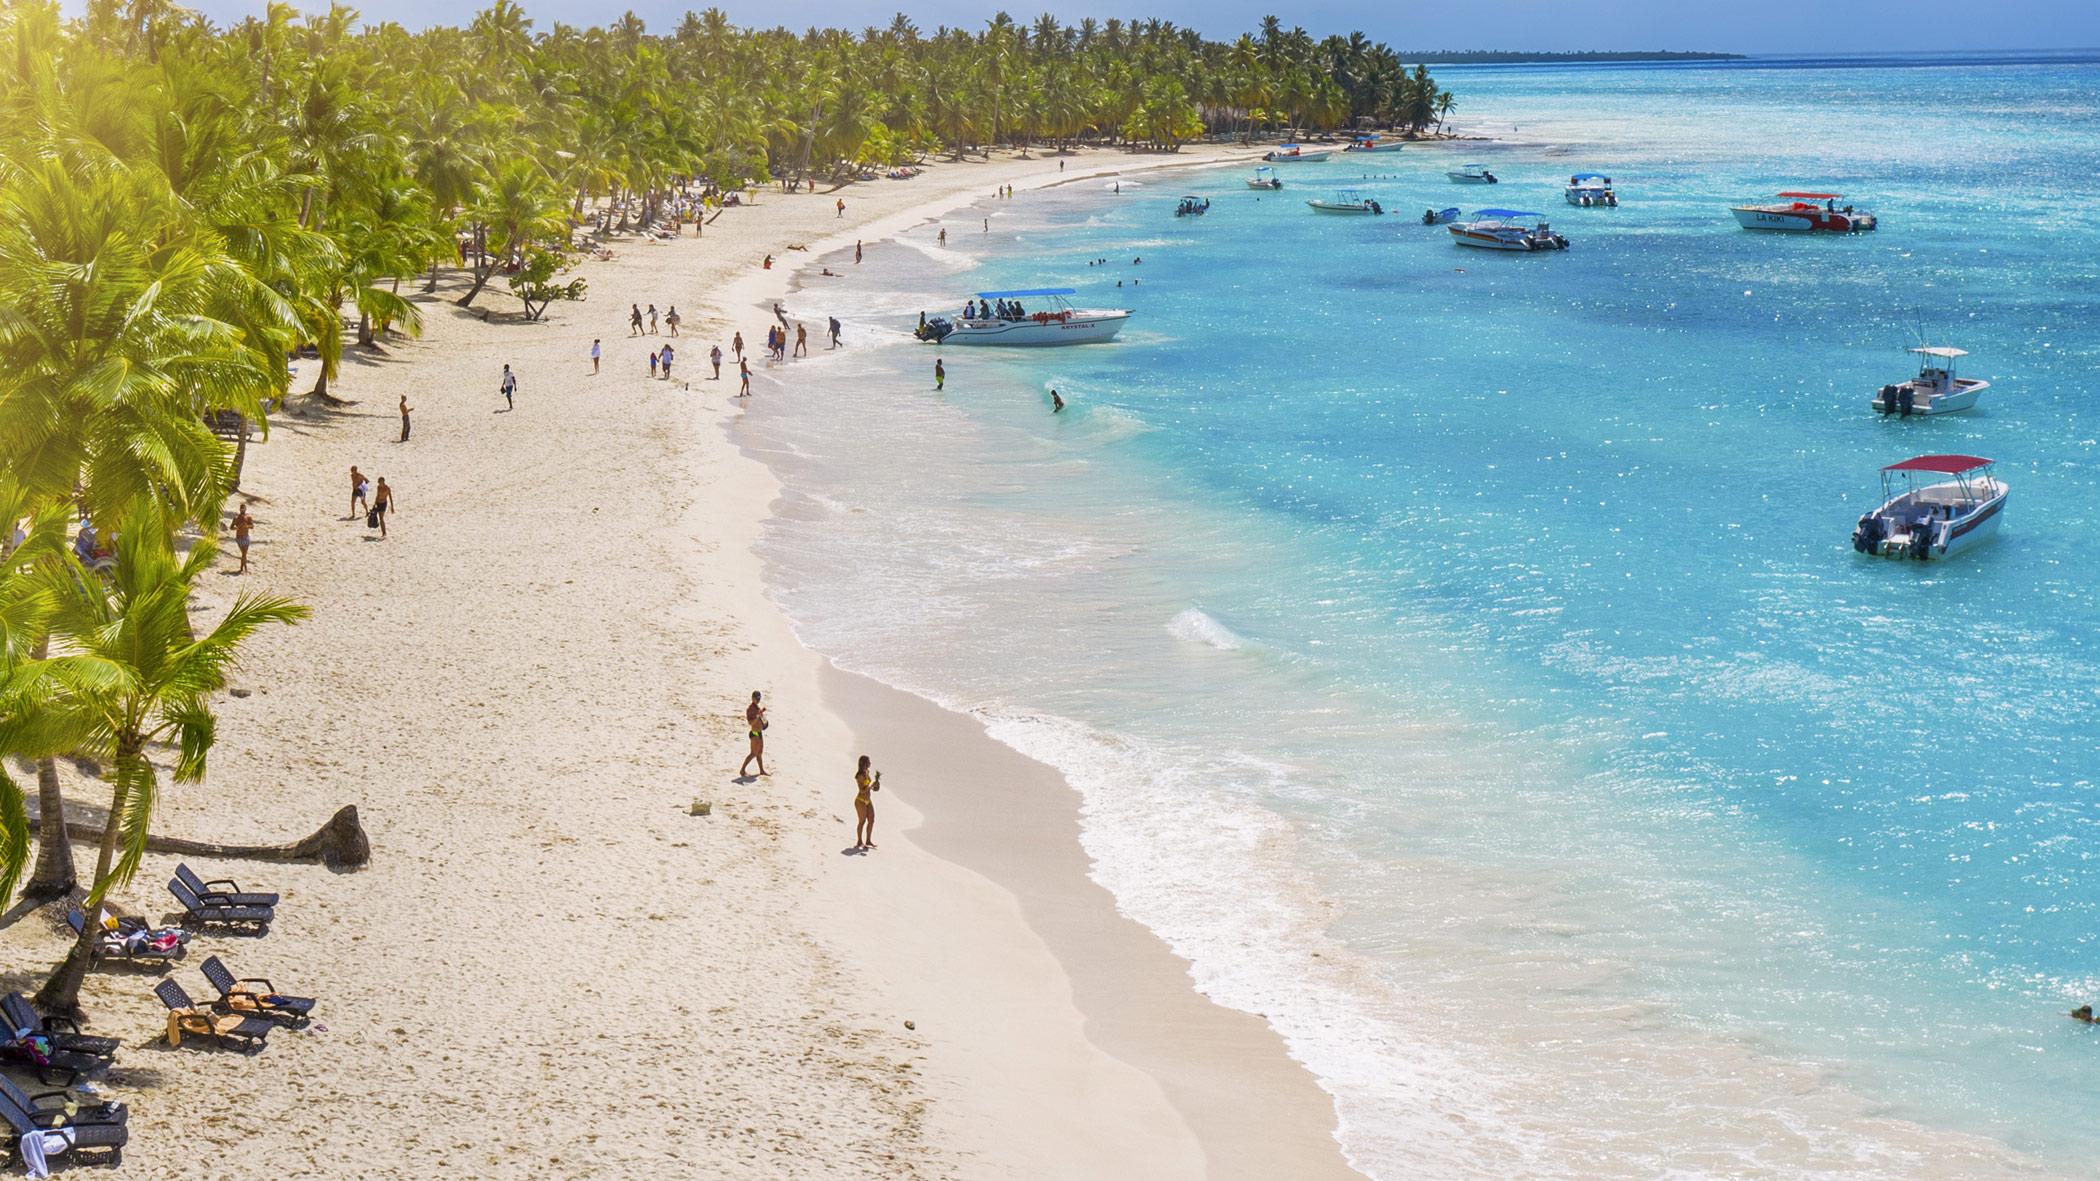 La Organización Mundial del Turismo (OMT) y Ministros de Turismo de las Américas se unen para el relanzamiento del turismo en la región